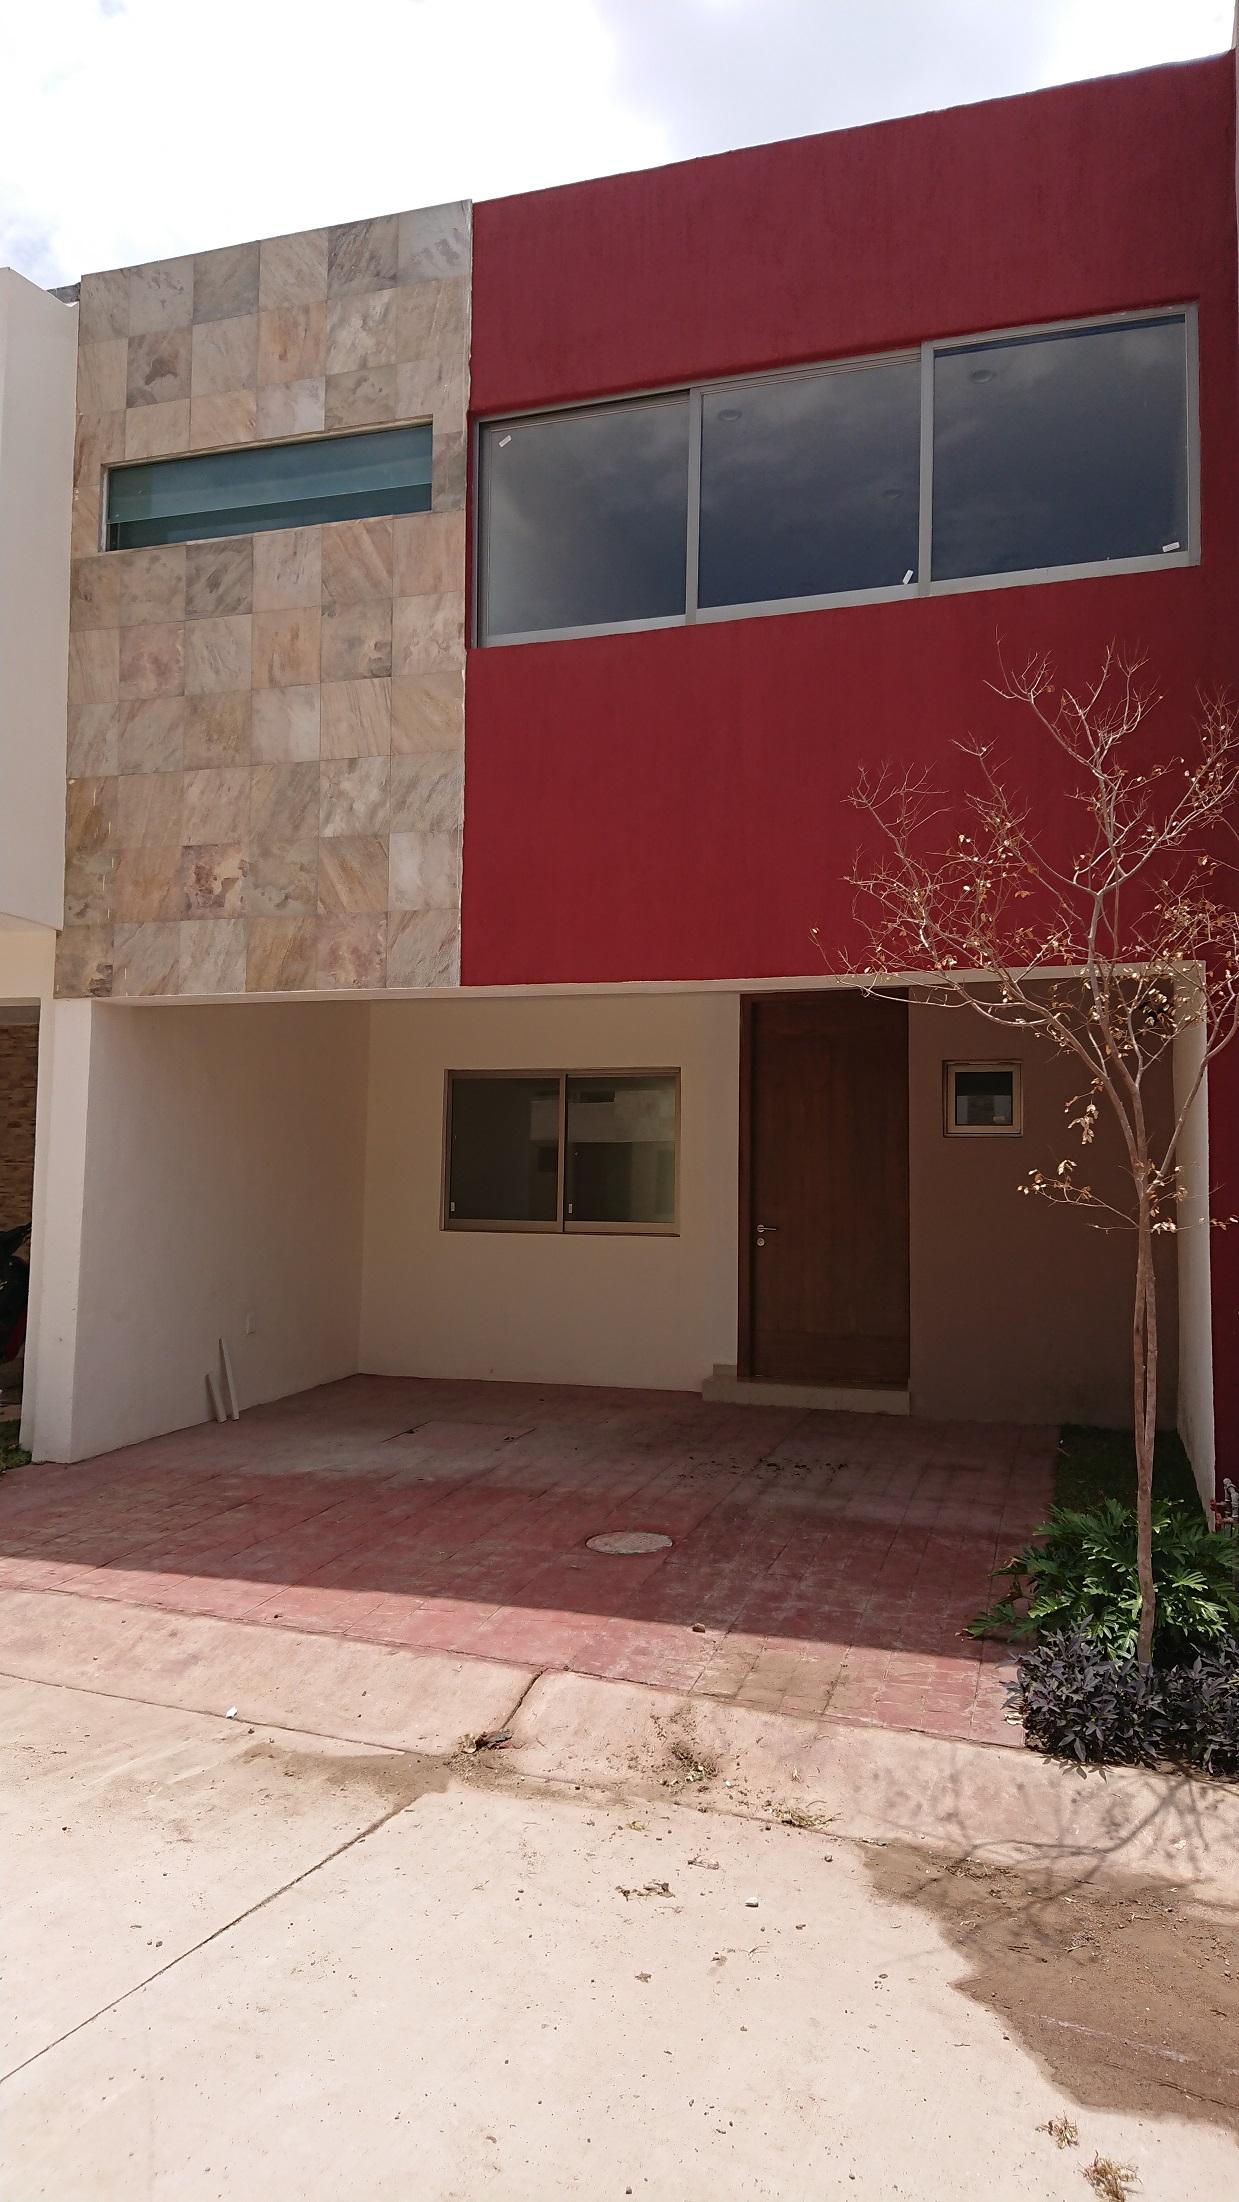 Casa en venta, en Coto, solo 23 casas.